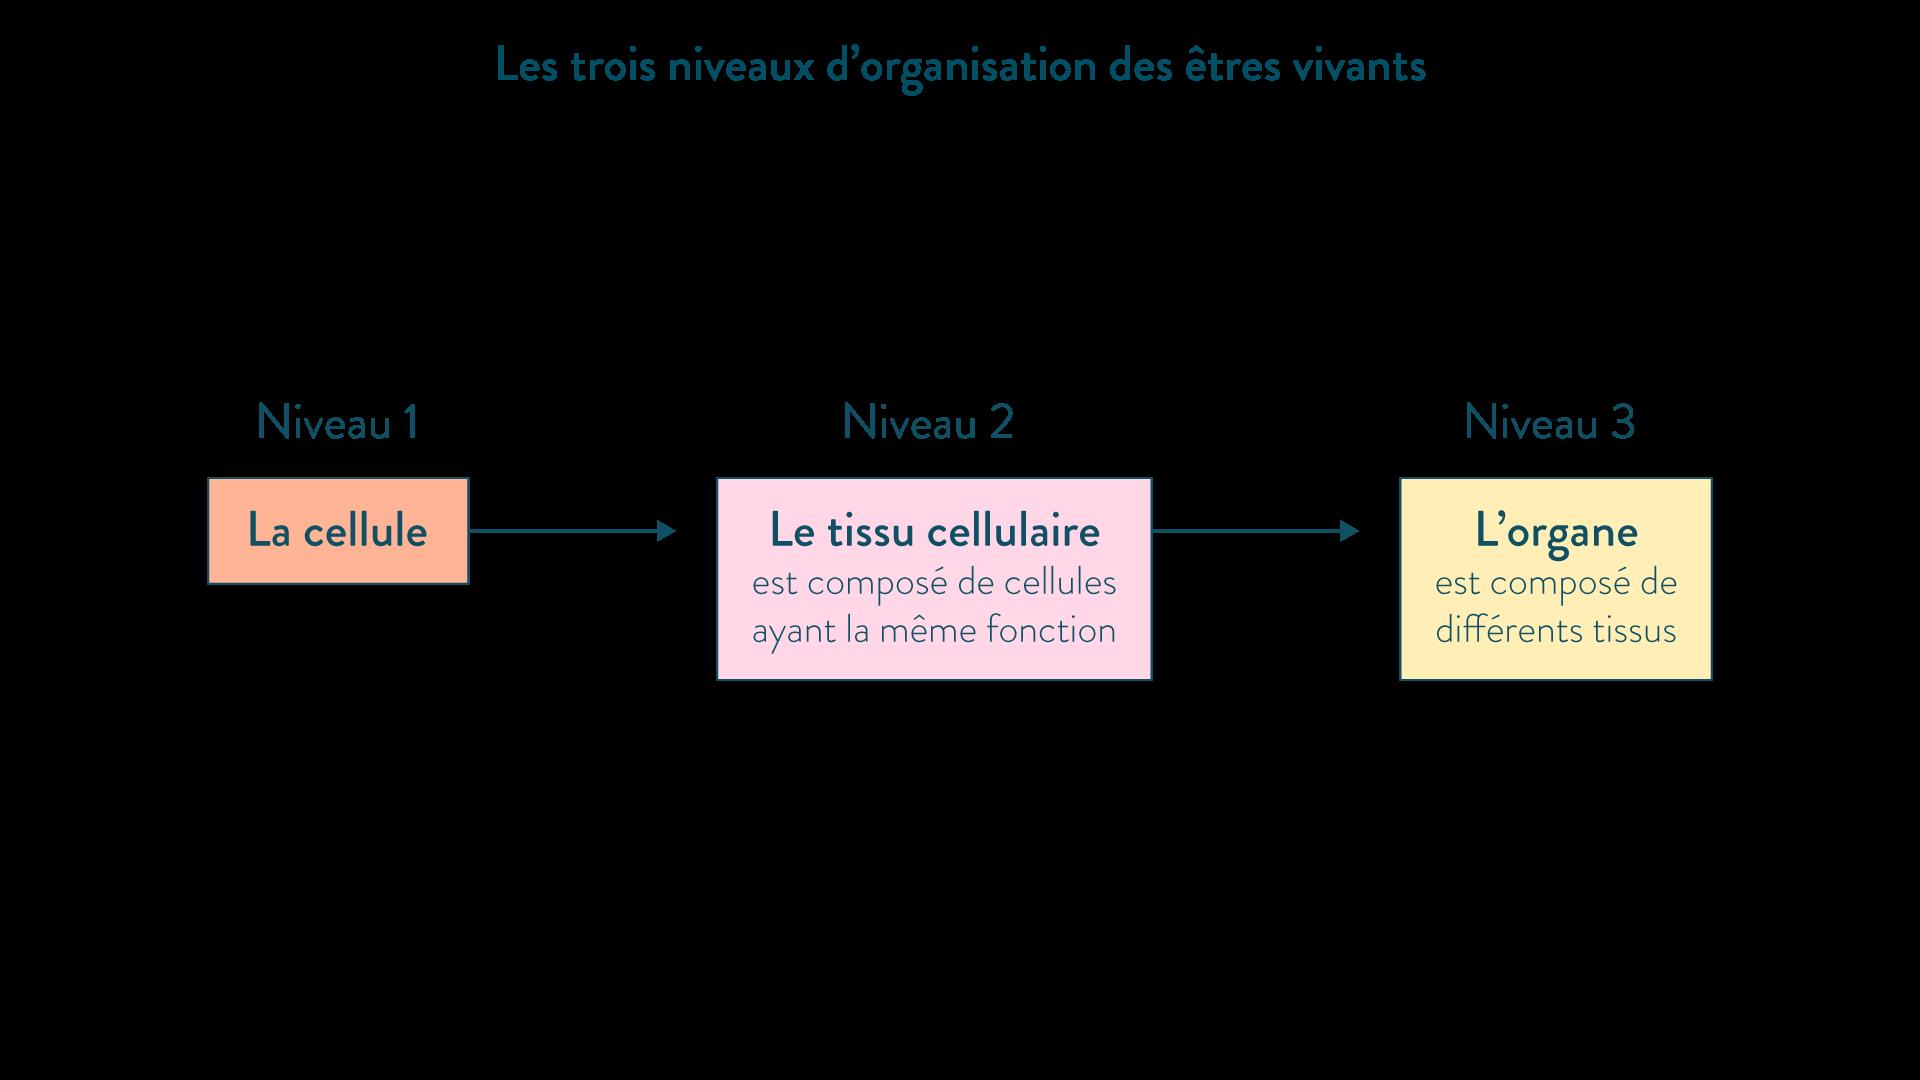 Les trois niveaux d'organisation des êtres vivants